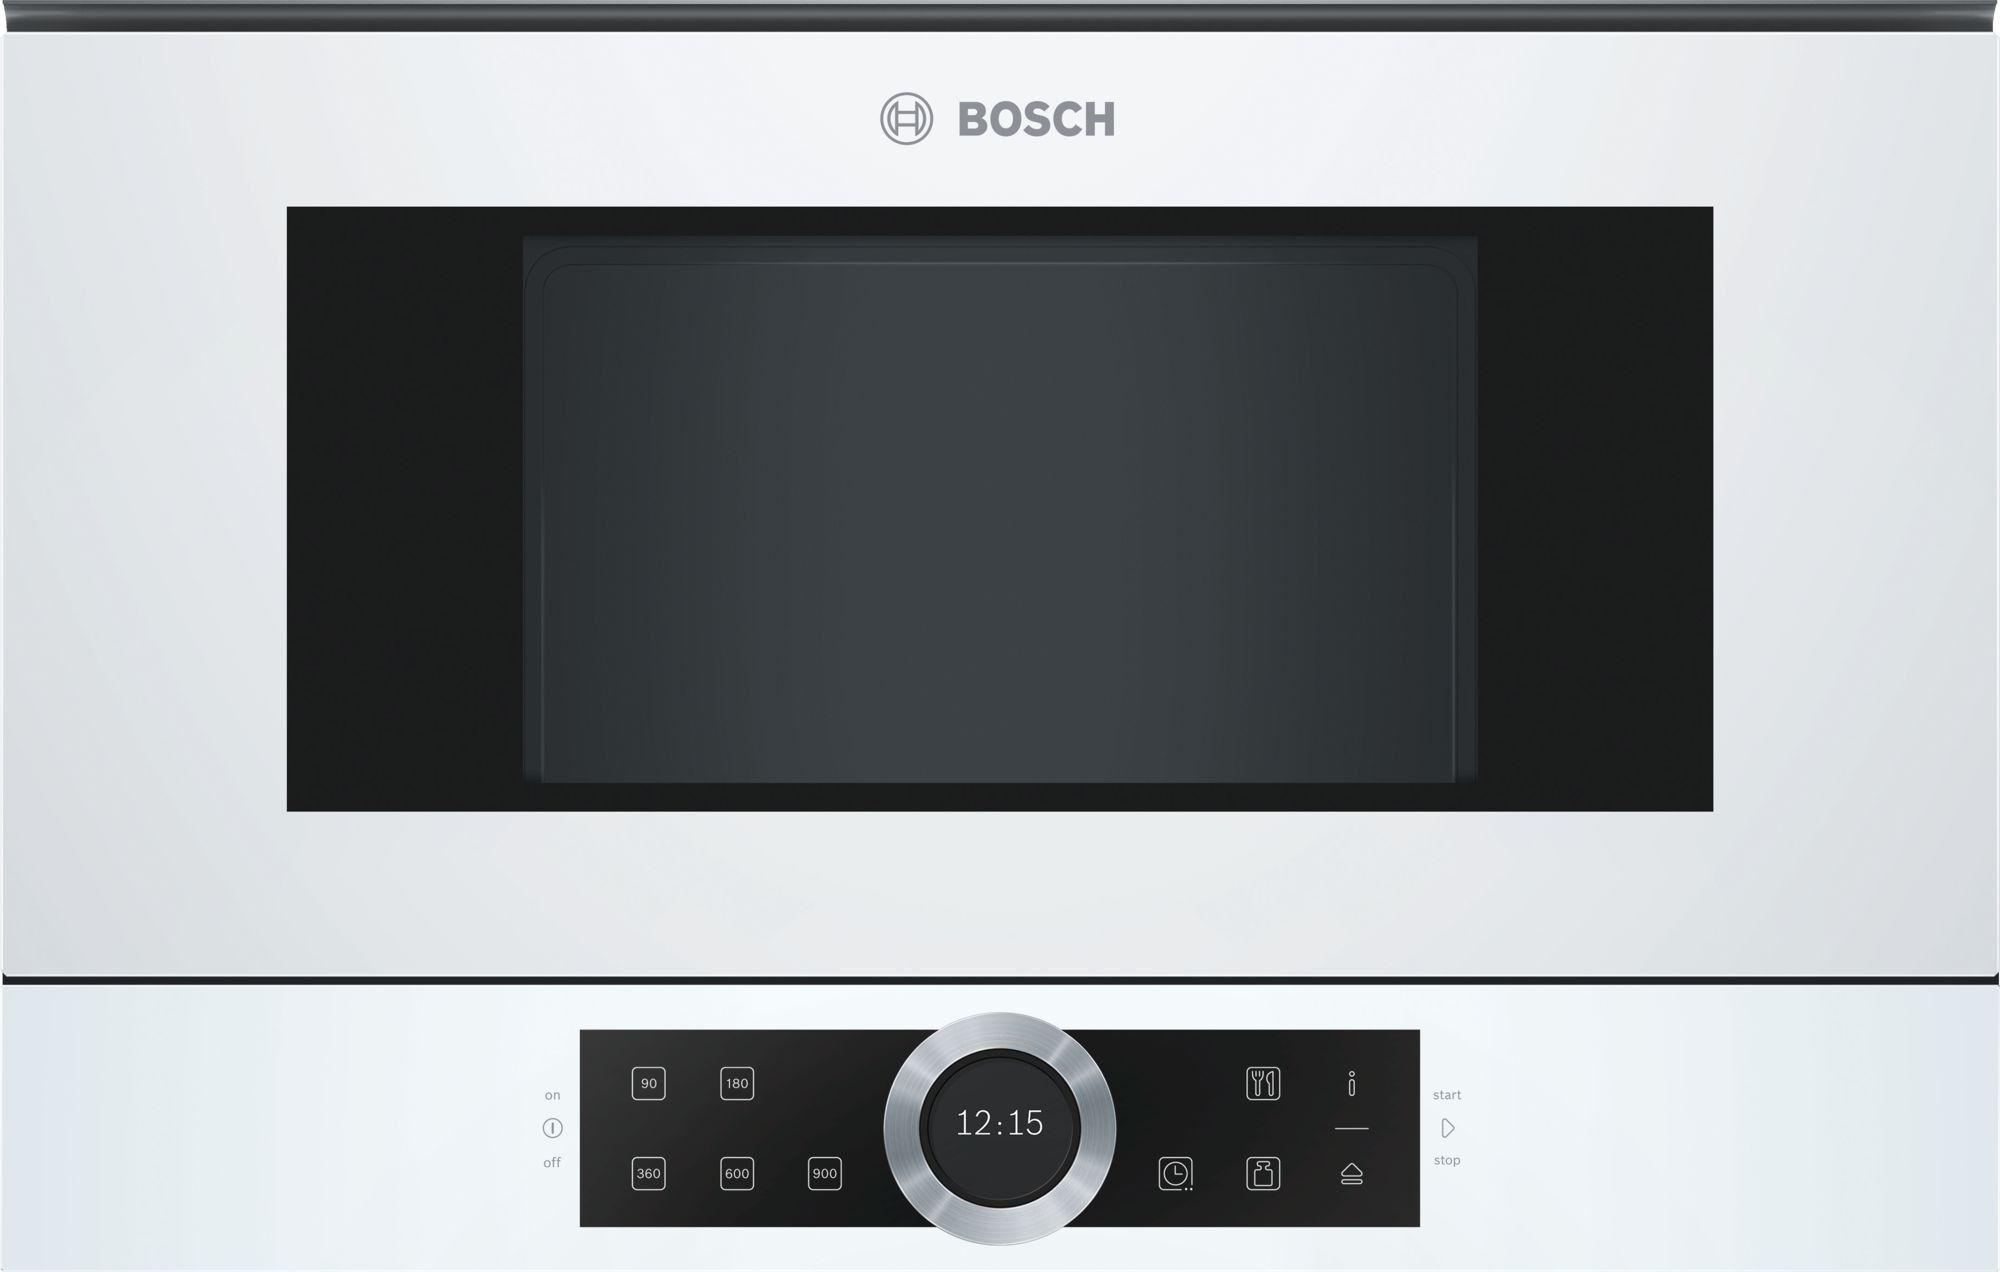 Mikrofala Bosch BFL634GW1 I tel. (22) 266 82 20 I Raty 0 % I kto pyta płaci mniej I Płatności online !